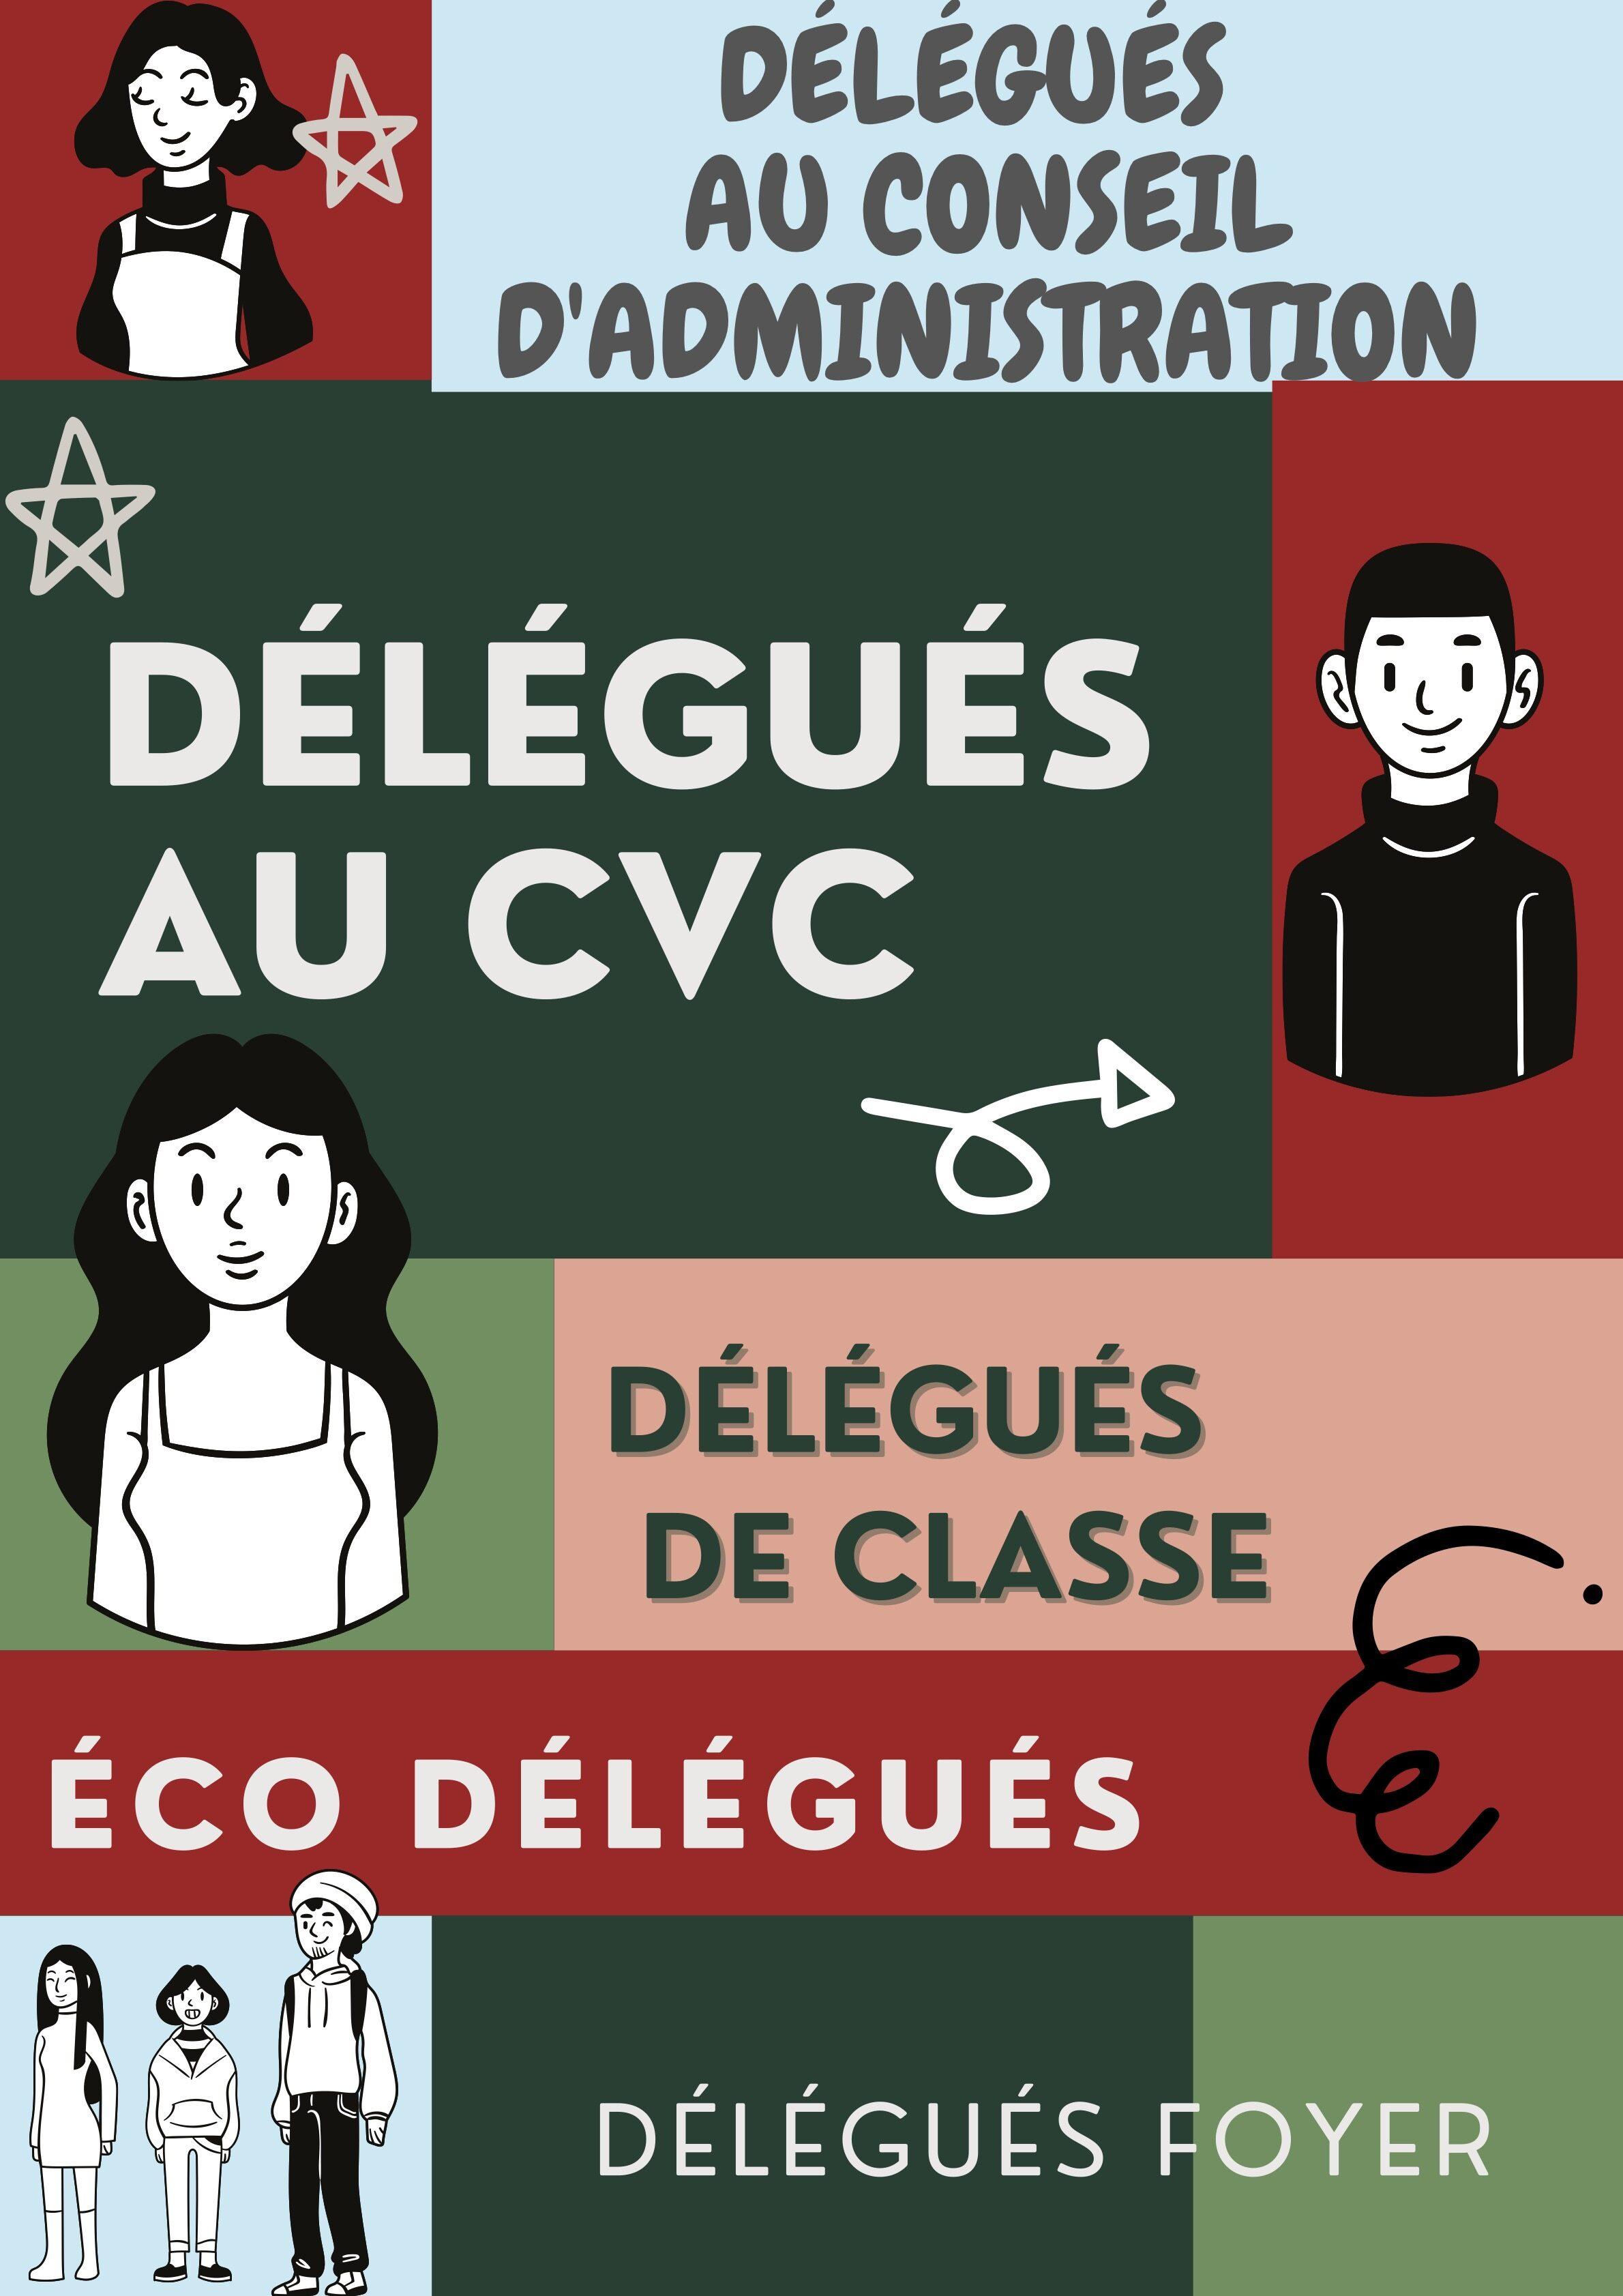 DÉLÉGUÉS AU CONSEIL D'ADMINISTRATION - copie.jpg